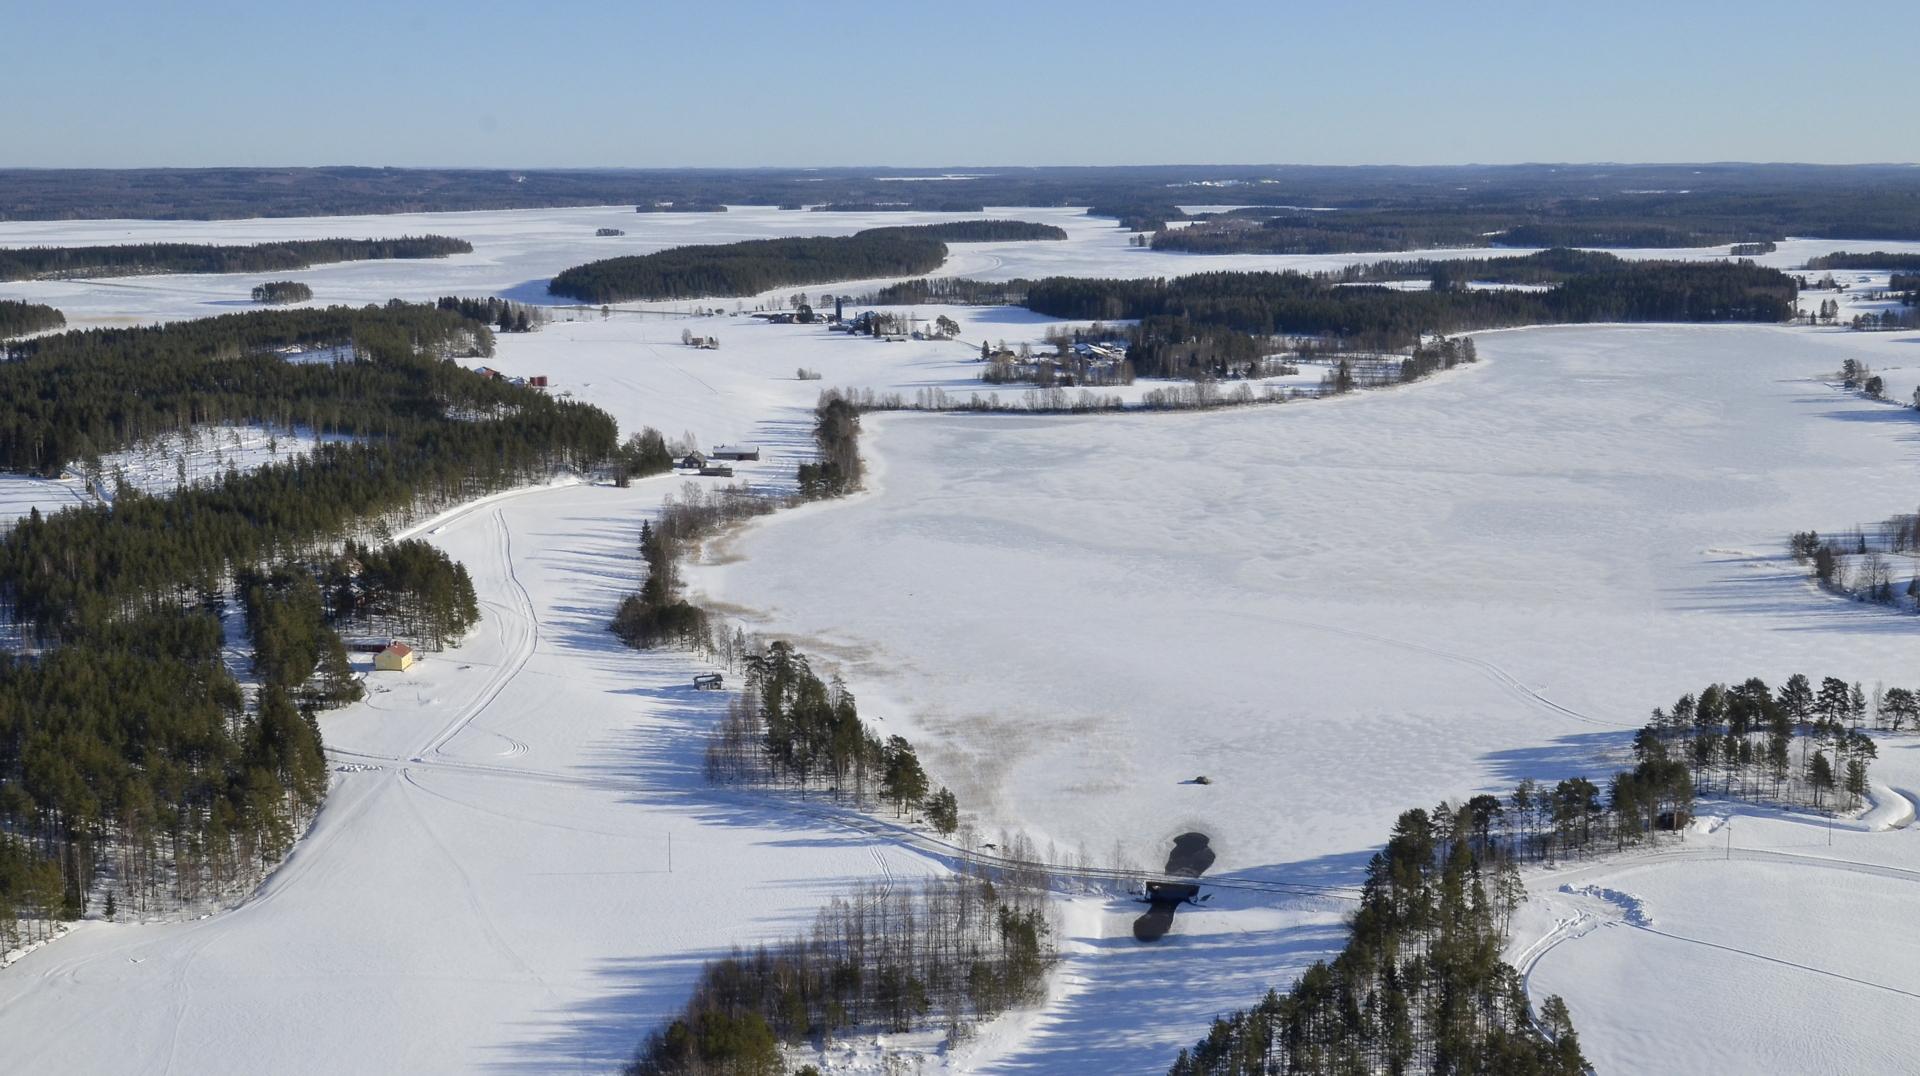 Talvellakin pientä virtausta Koliman ja Pasalajärven salmessa sillan alla. 21.2.2019